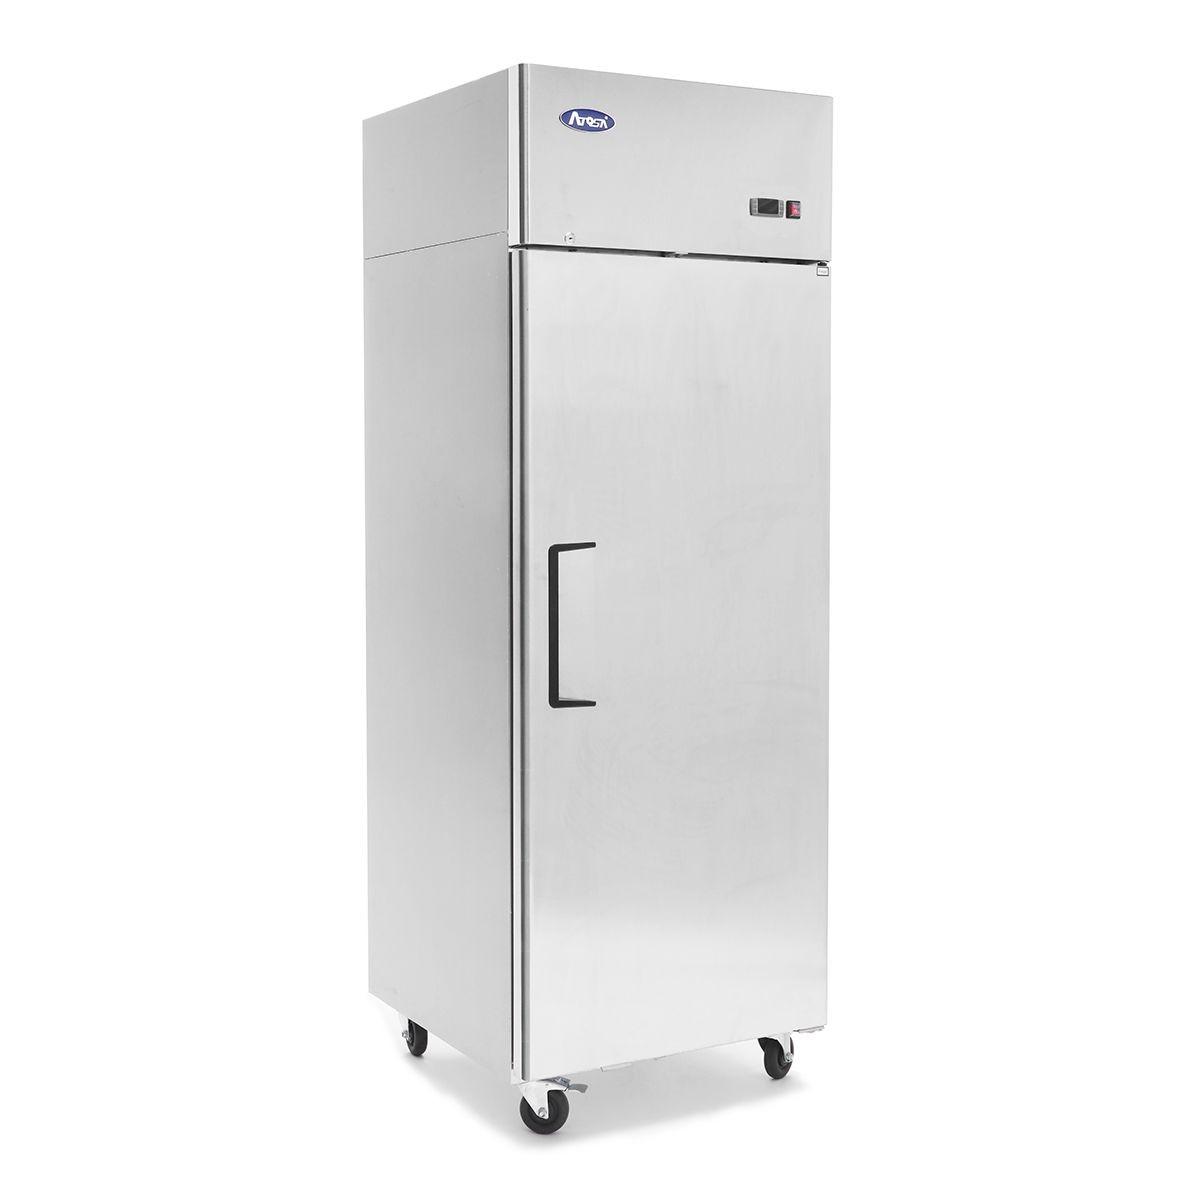 Top Mount (1) One Door Freezer Dimensions: